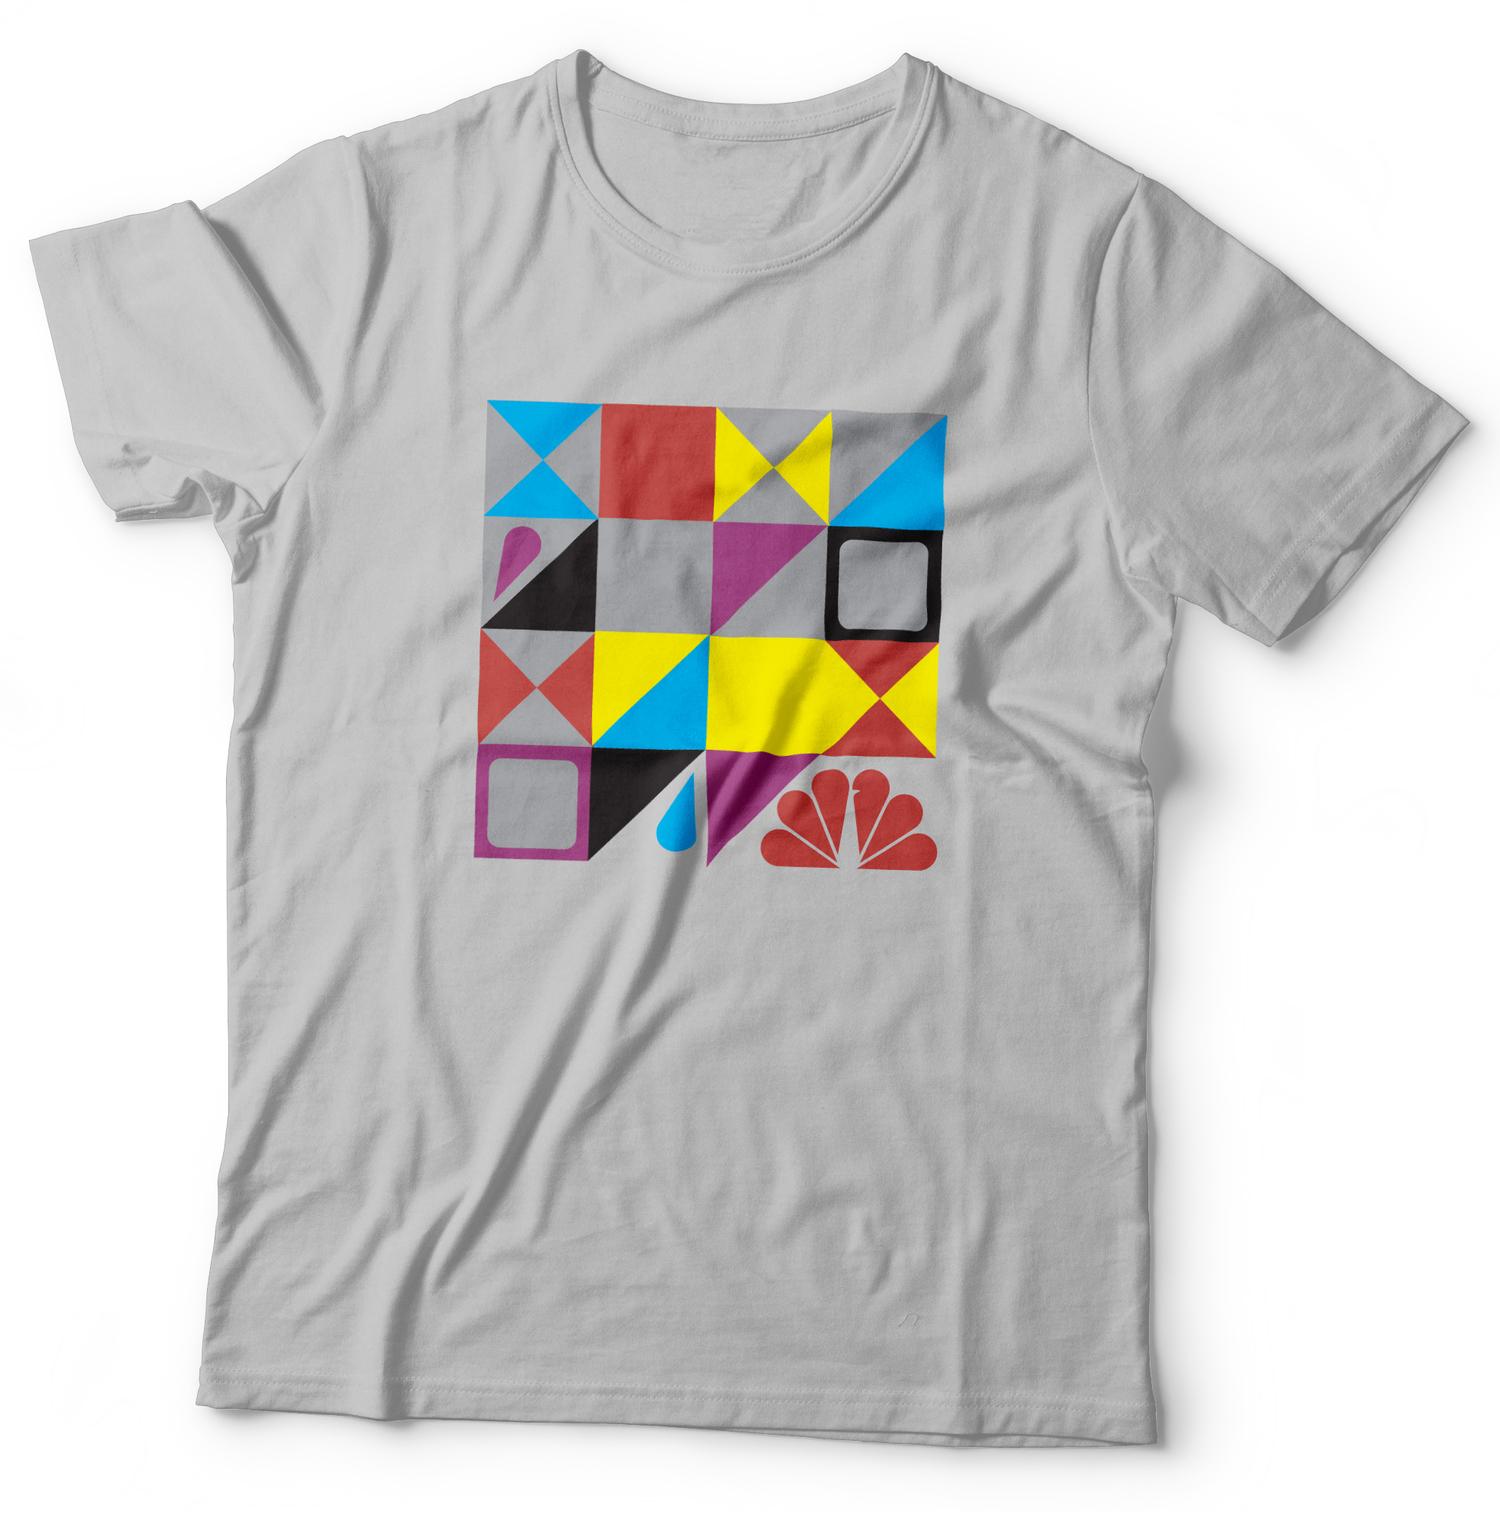 nbc+t-shirts_11.jpg